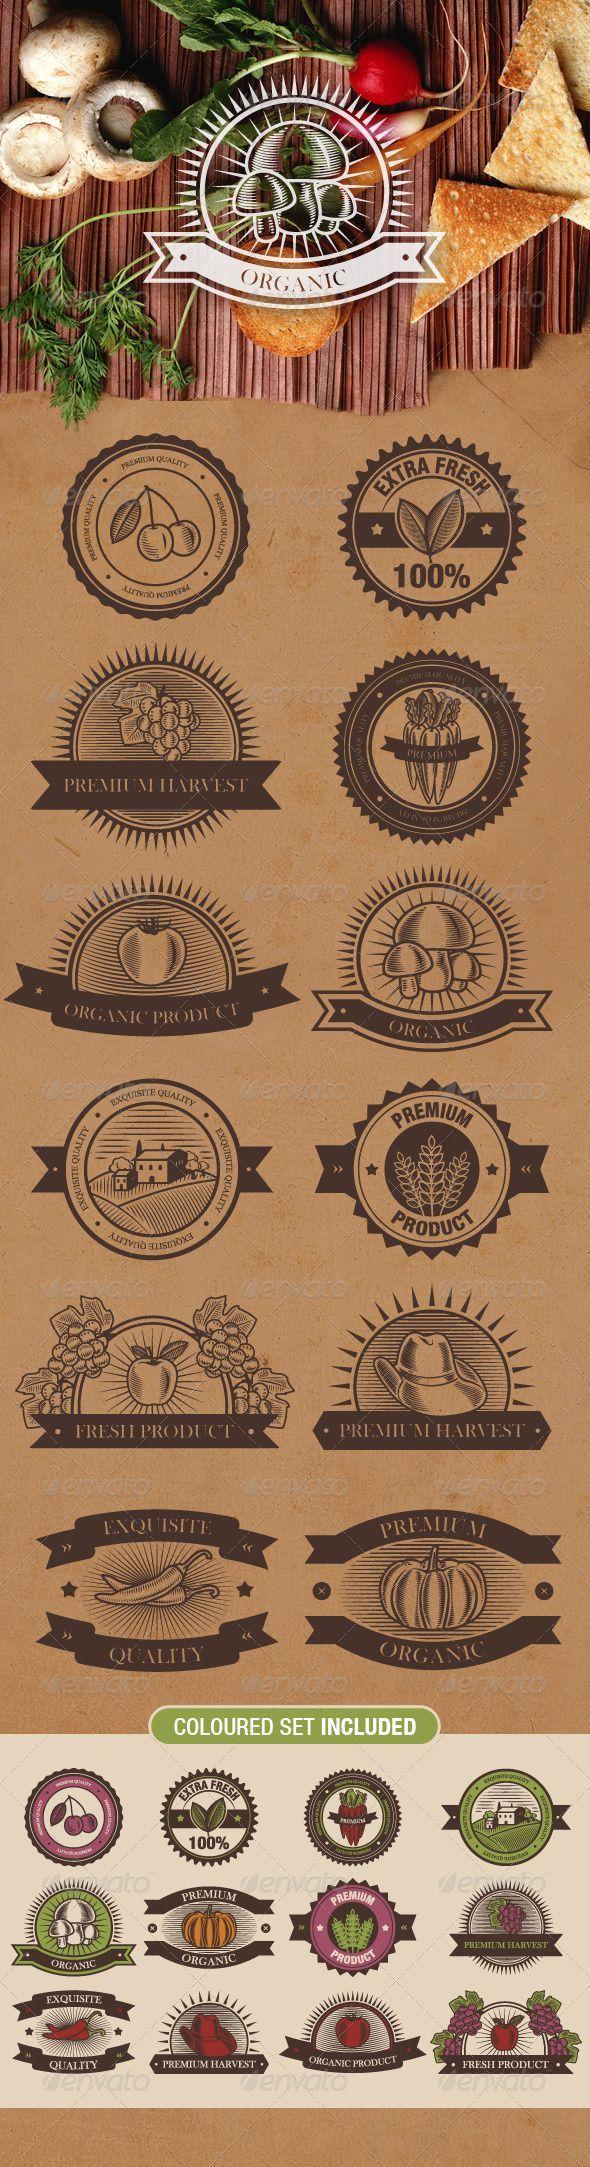 Planche d'exemples de logos pour produits bio, dans un esprit rétro.: